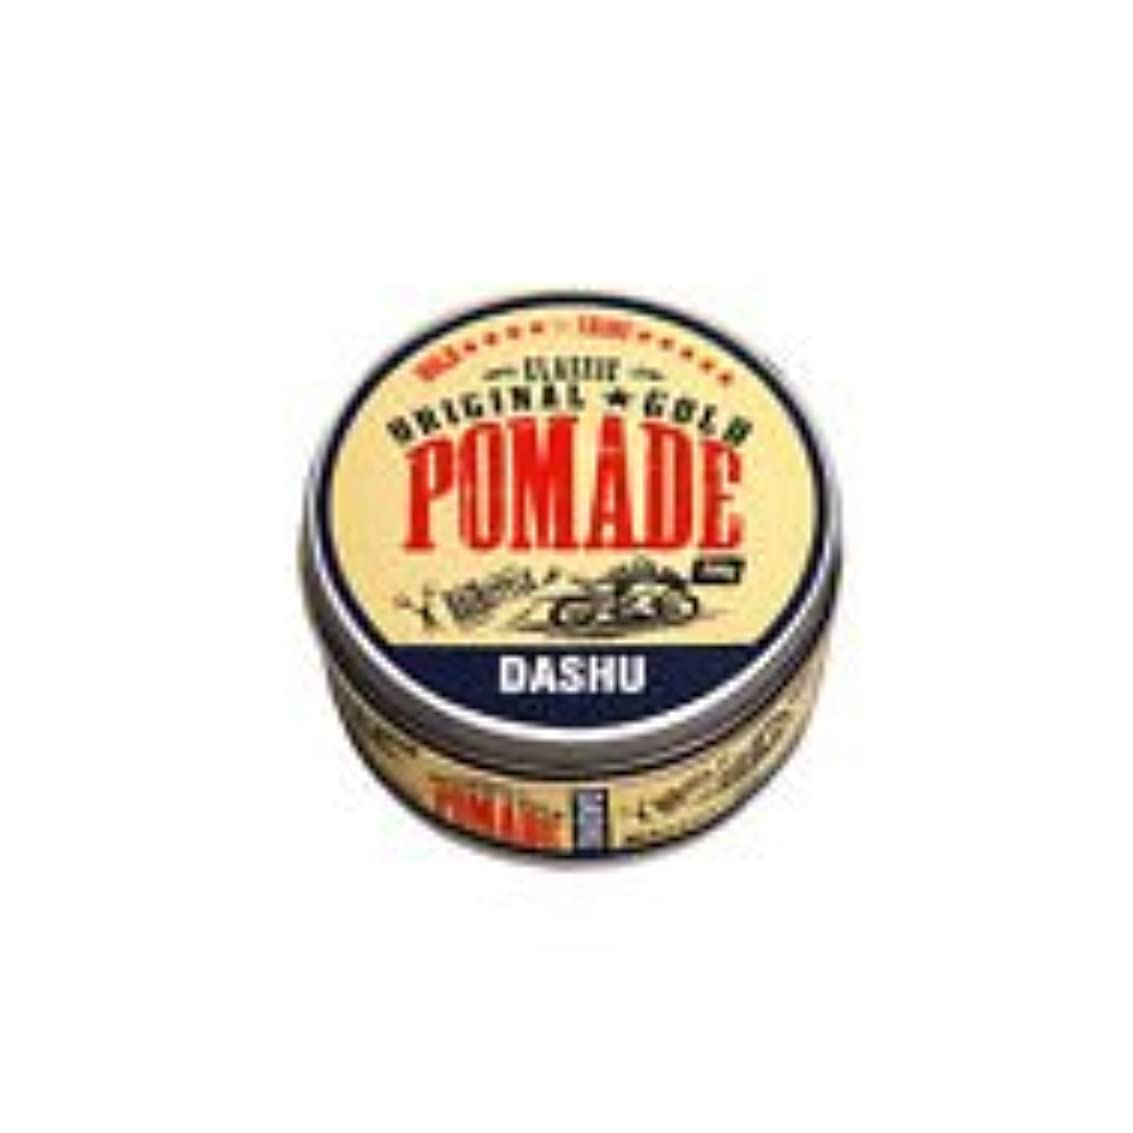 それにもかかわらず木材学部長[DASHU] ダシュ クラシックオリジナルゴールドポマードヘアワックス Classic Original Gold Pomade Hair Wax 100ml / 韓国製 . 韓国直送品